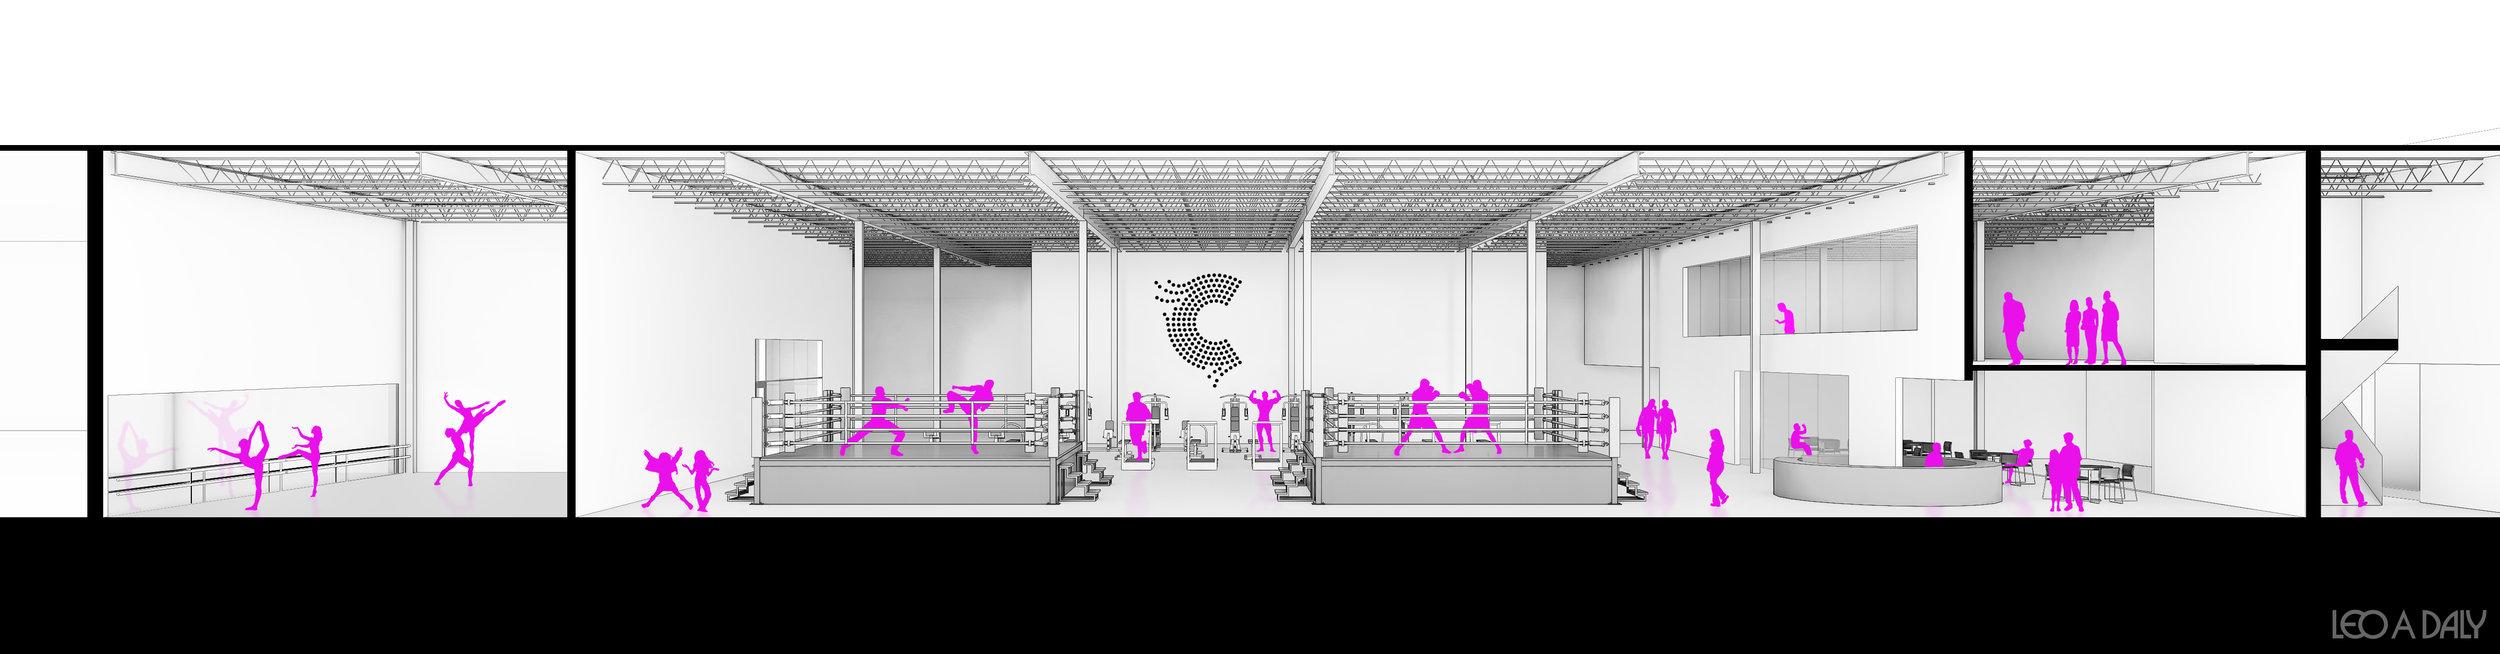 ballet gym graphic c1 02.jpg